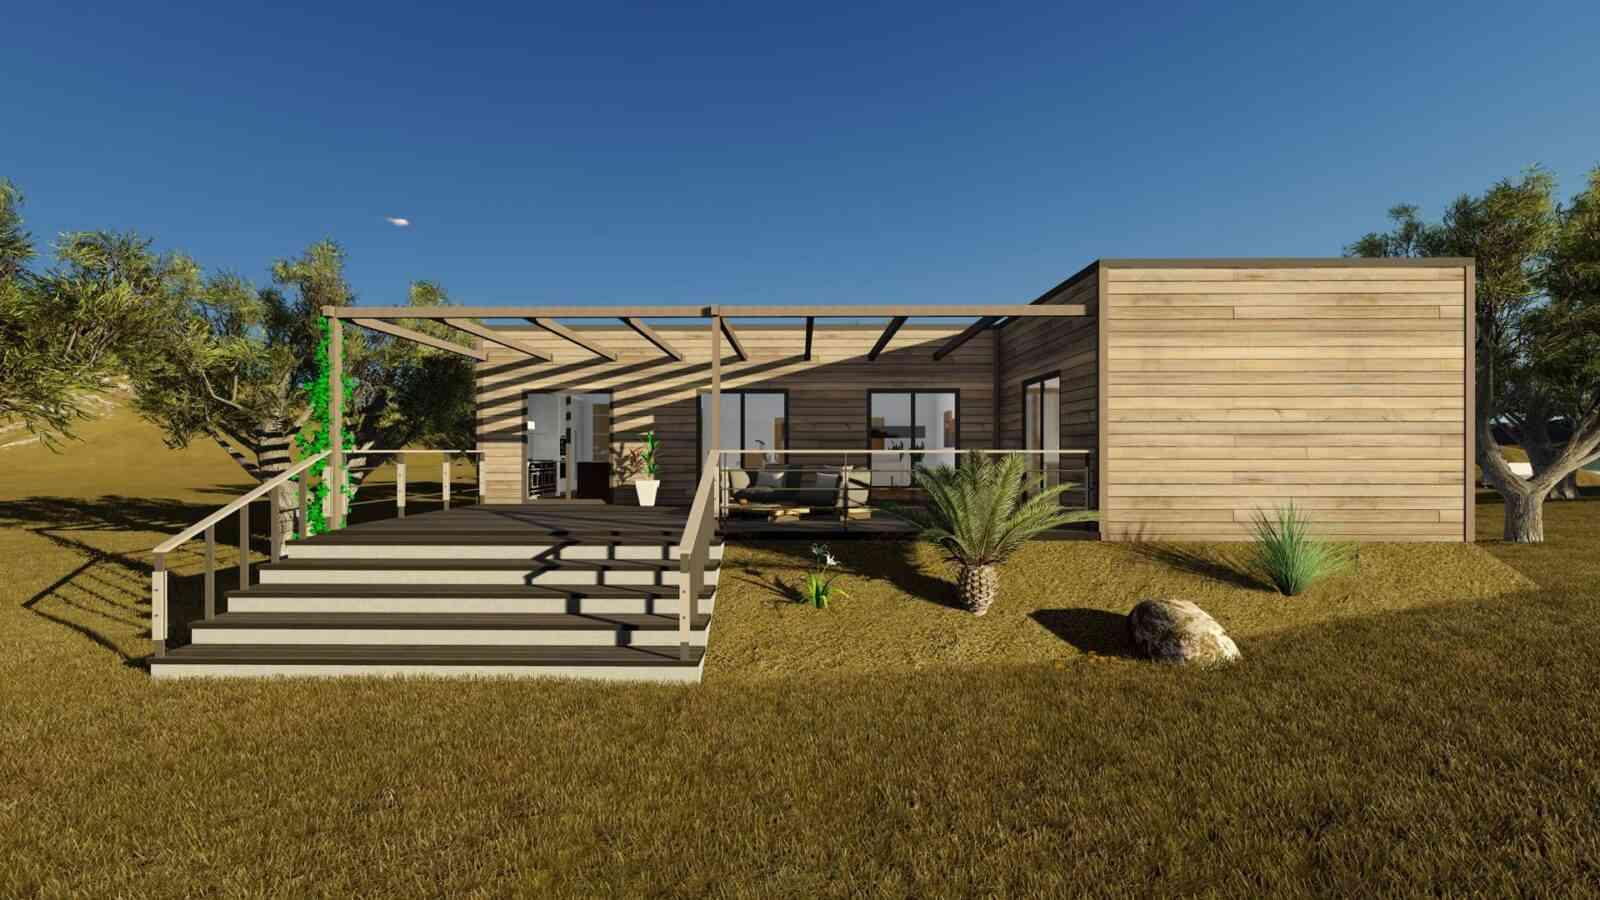 Casa de madeira modelo Casa Modular 132m², em Portugal